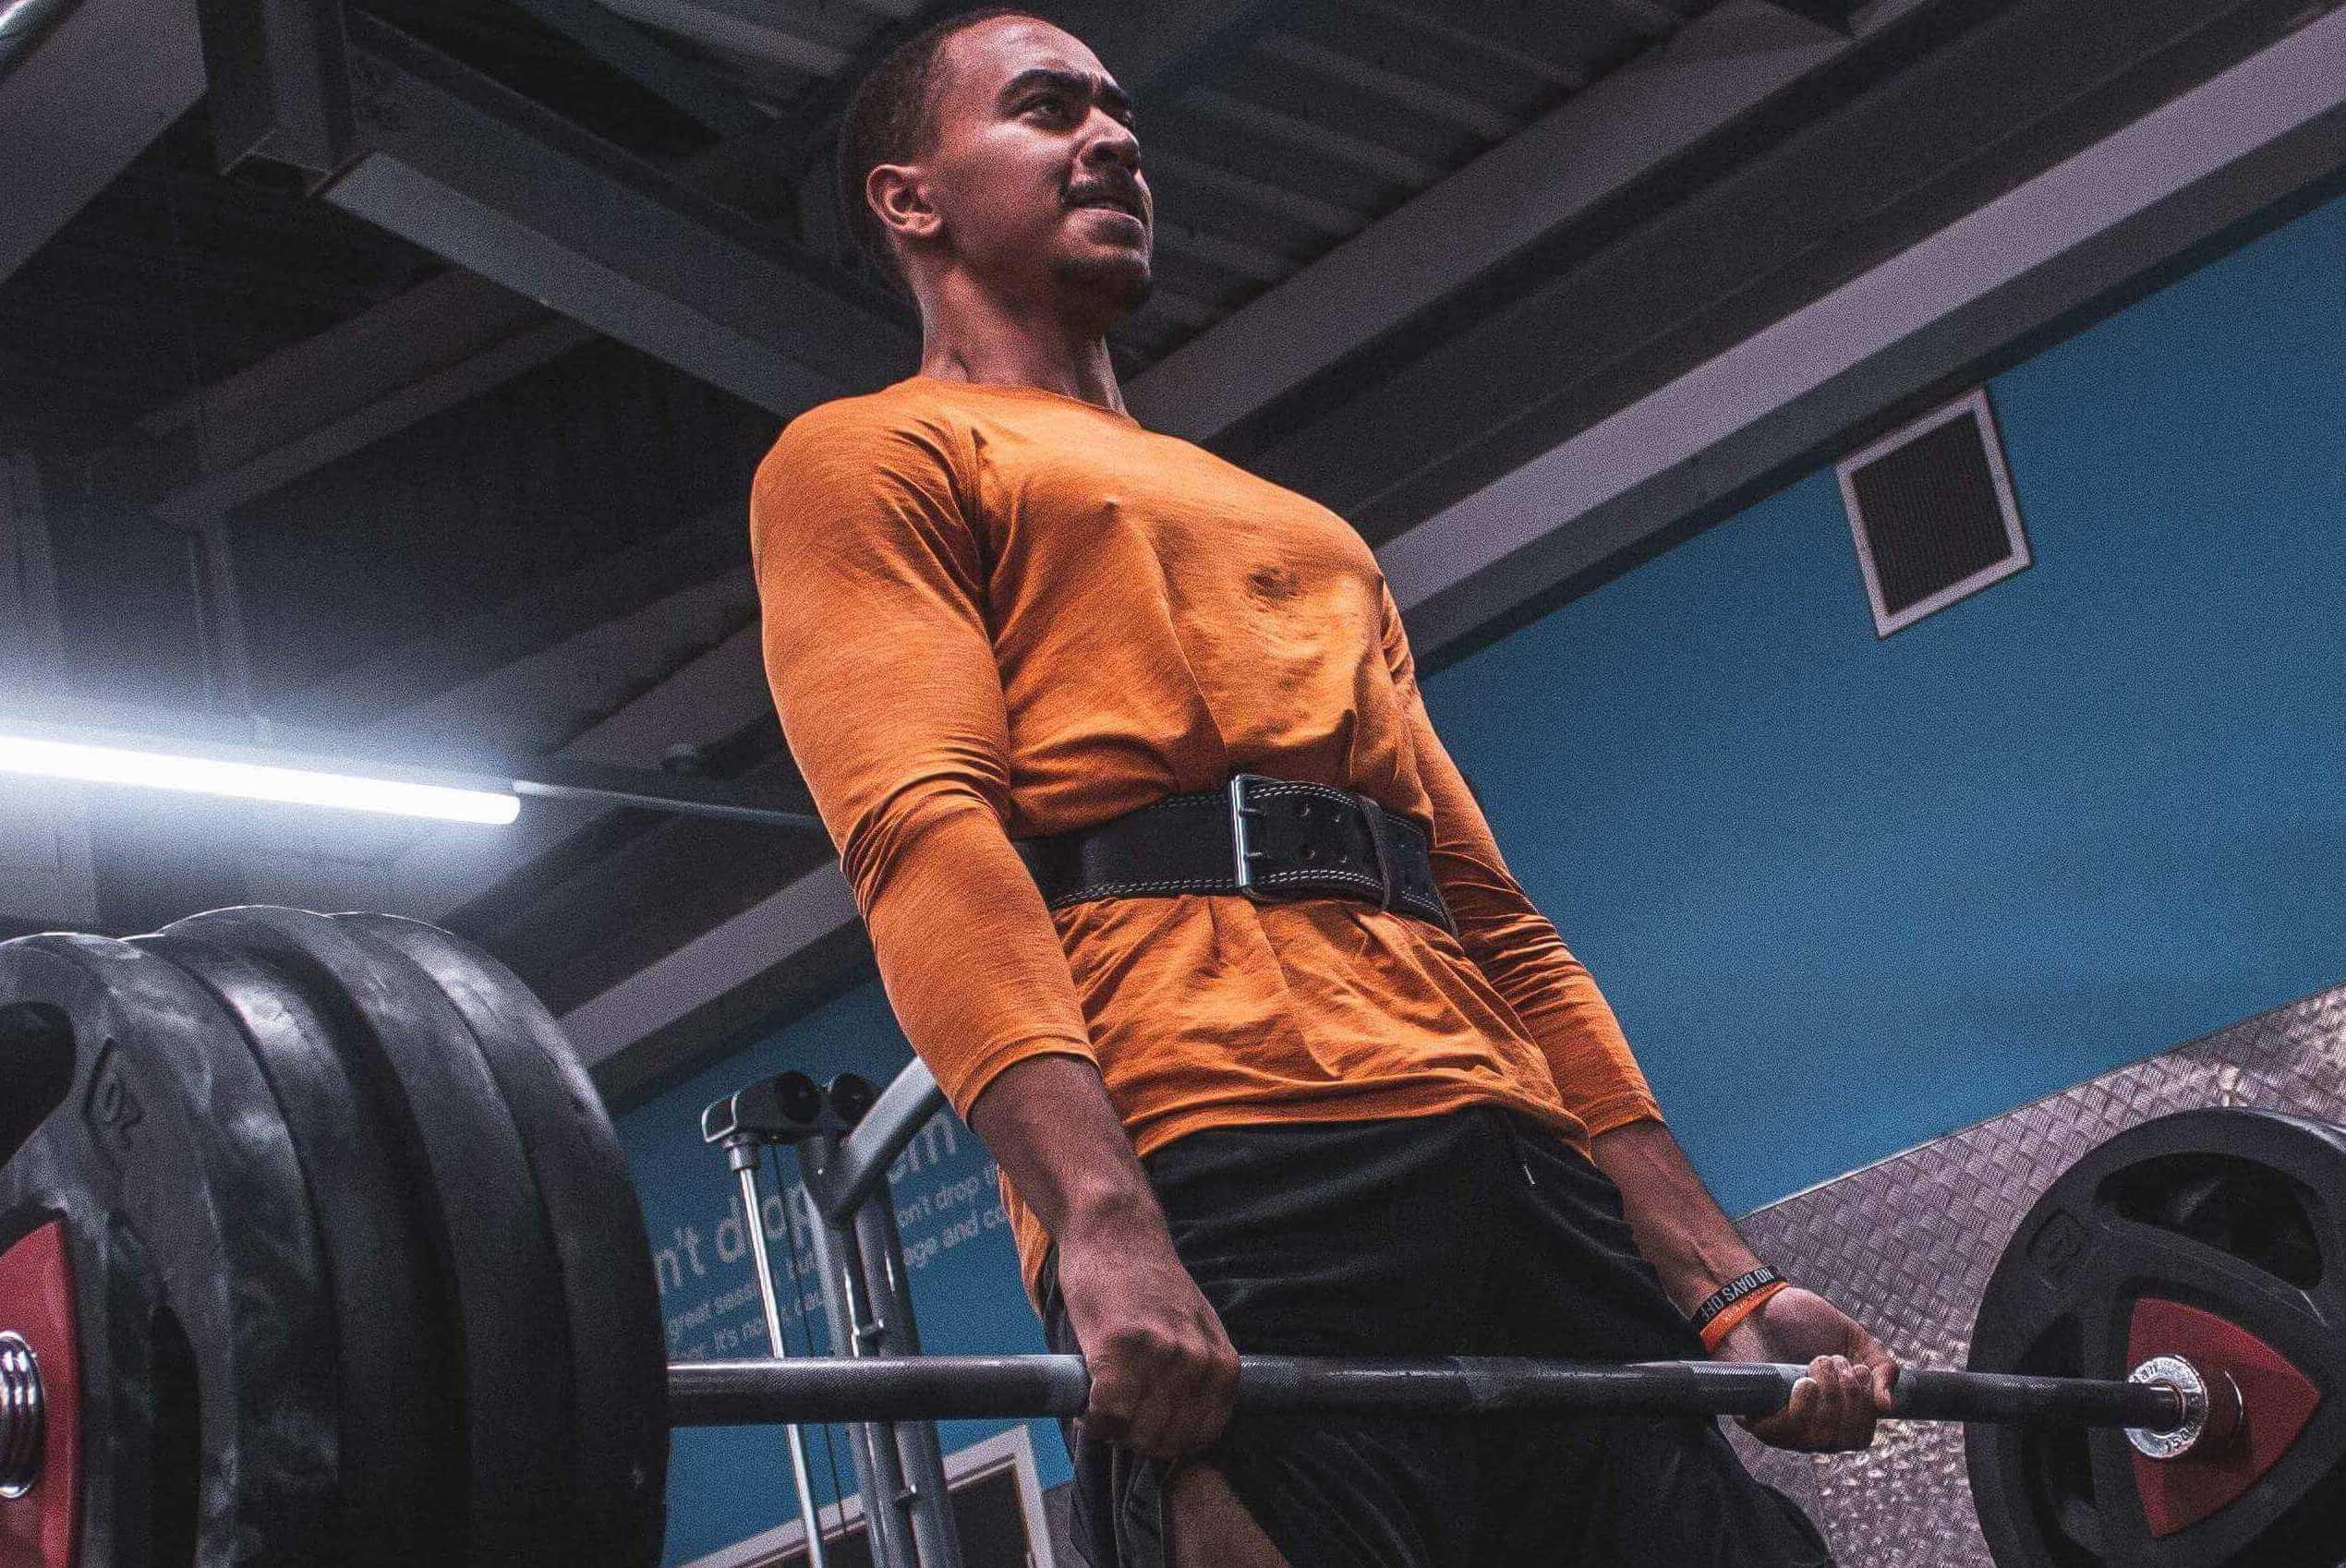 Man Lifting Barbell at Gym